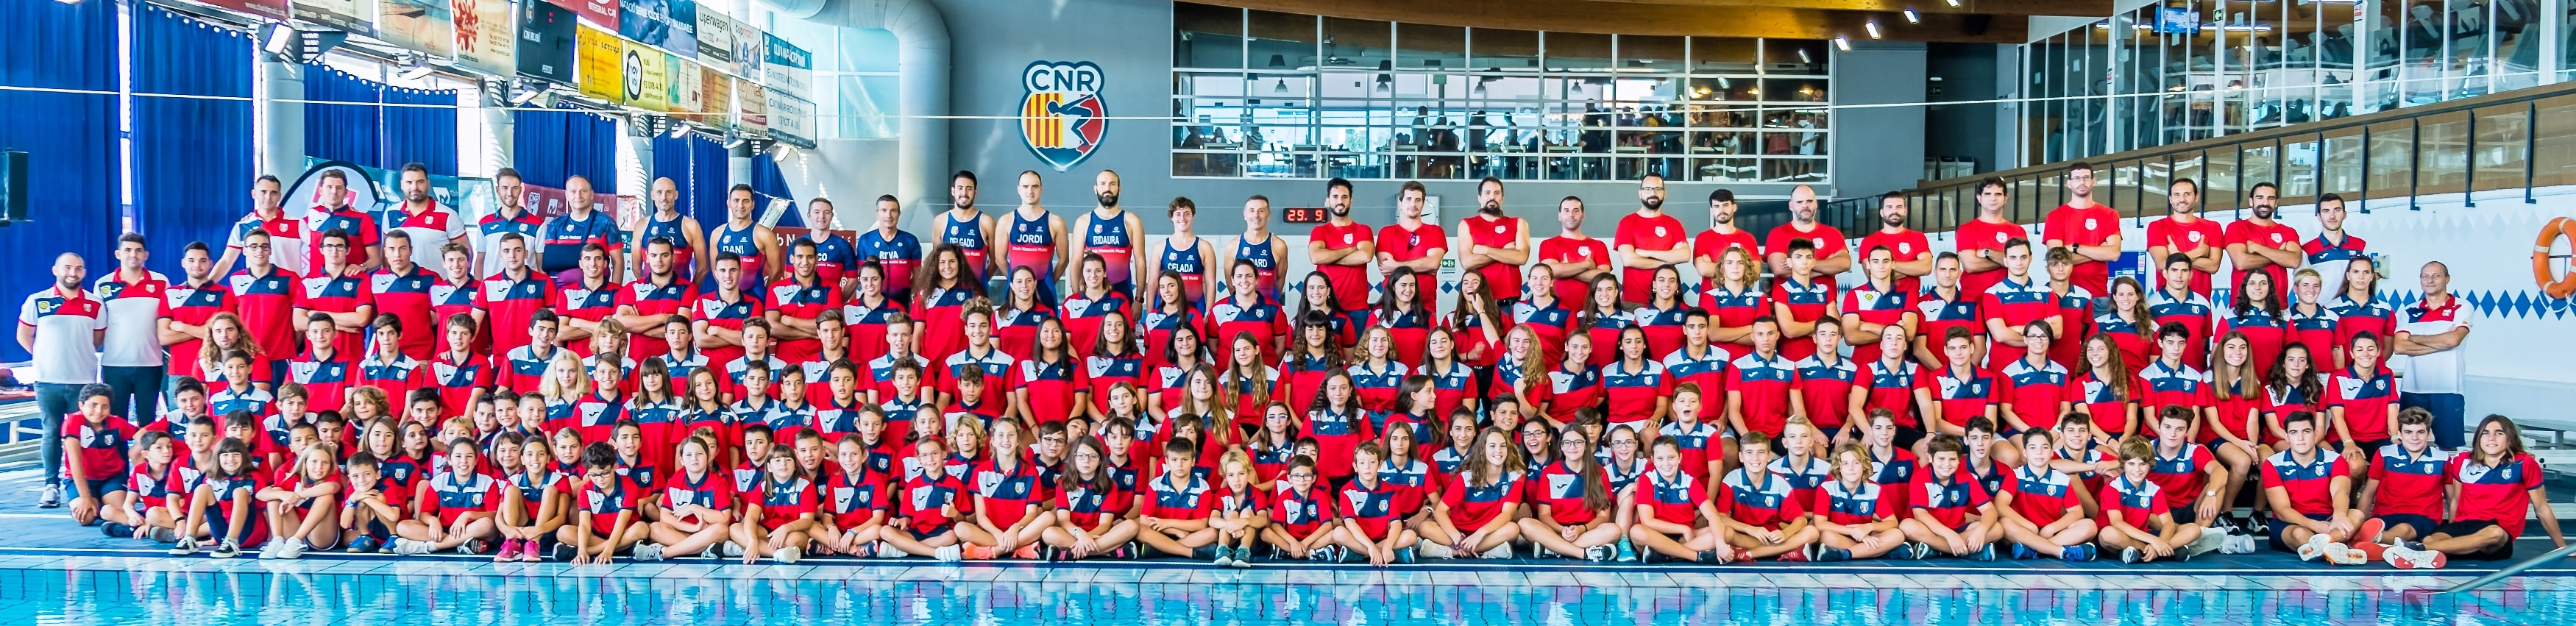 El Club Natació Rubí, 14è millor club de Catalunya la temporada 2018/2019 segons la Federació Catalana de Natació